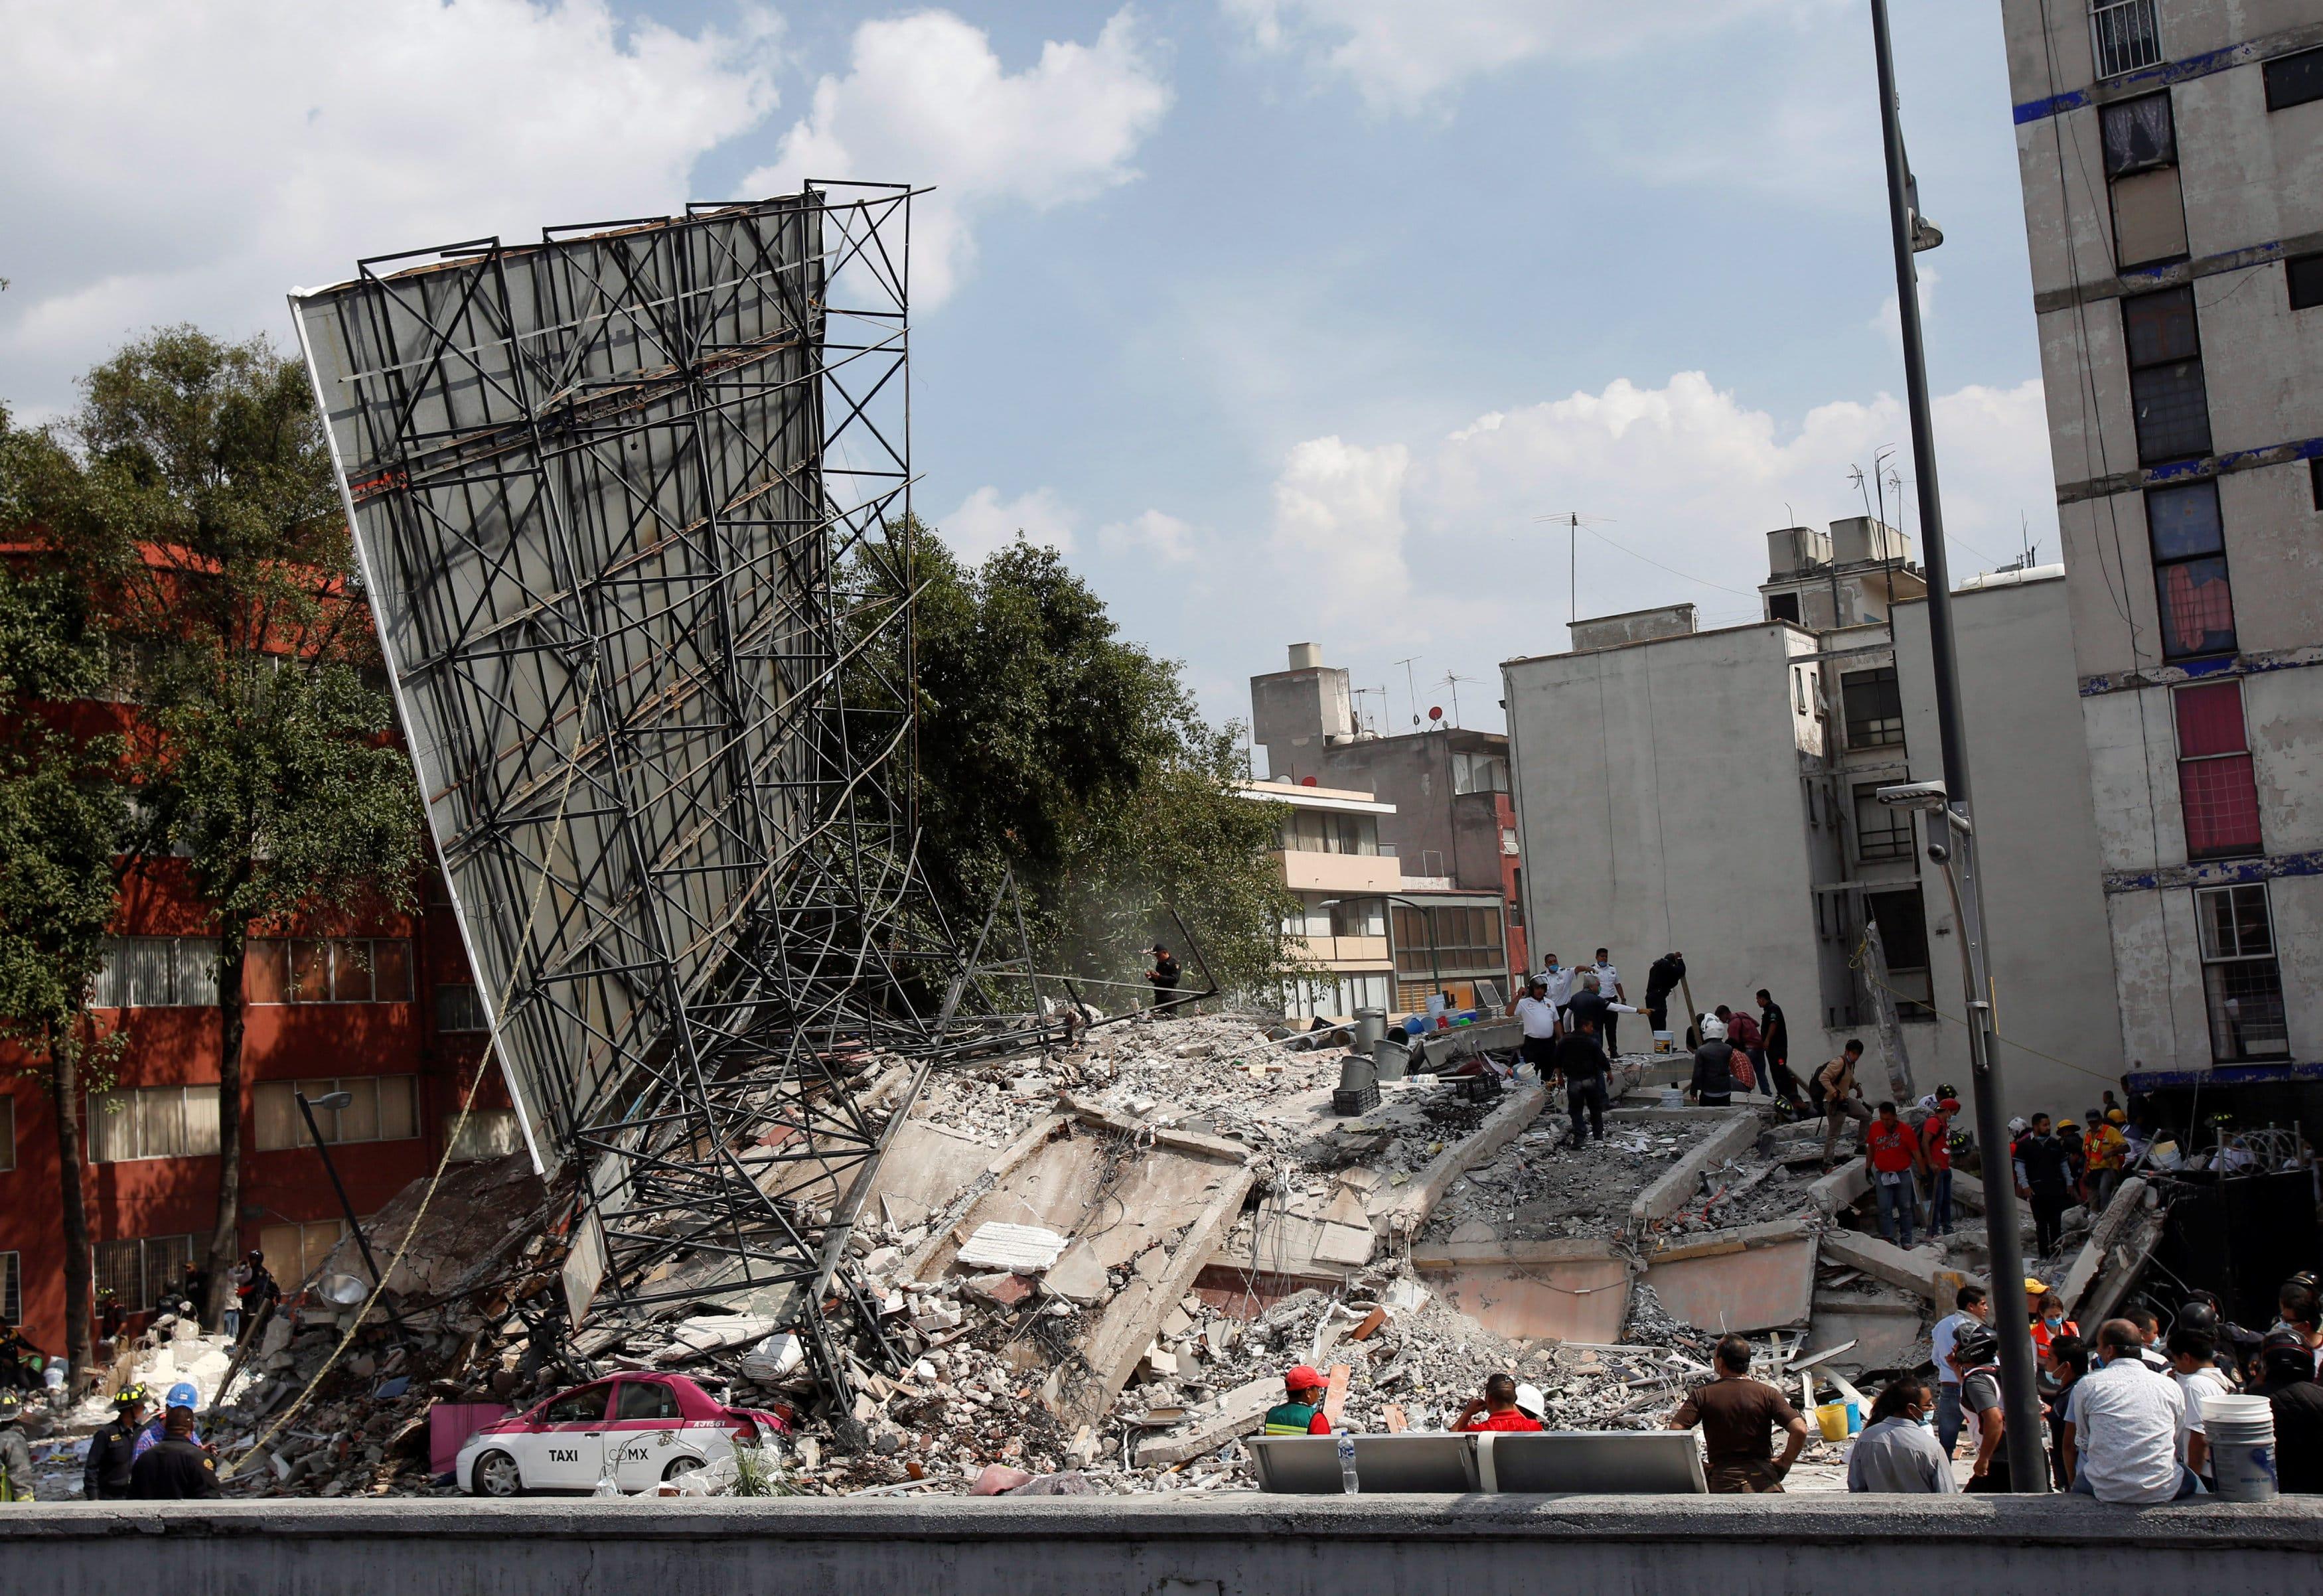 Infórmate como participar en brigadas de ayuda tras sismo en CDMX